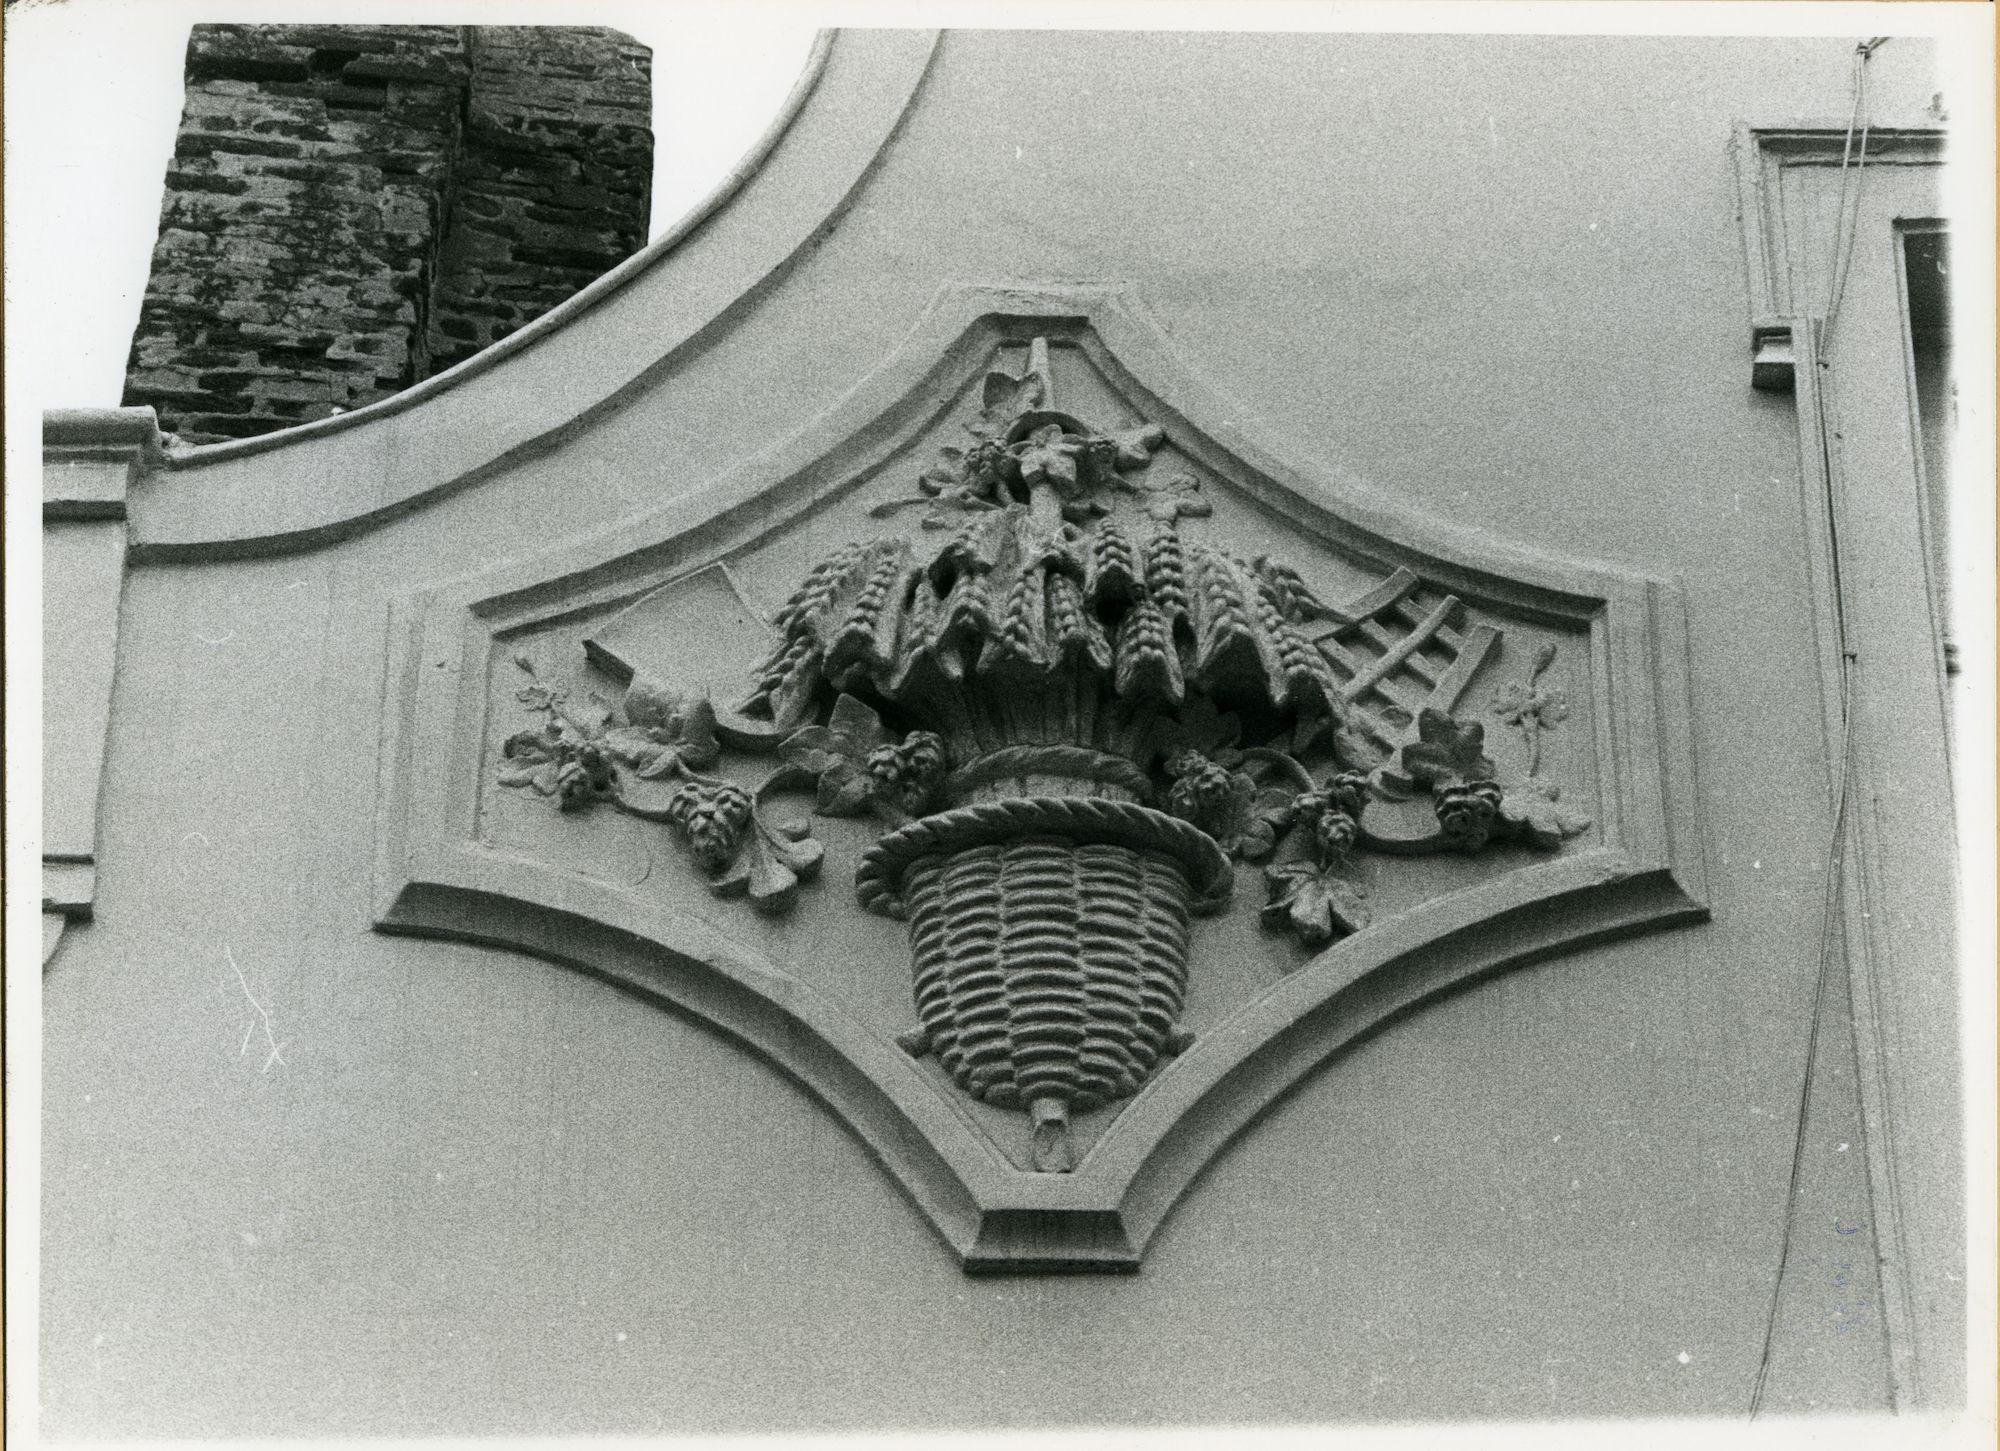 Gent: Steendam 66: Beeldhouwwerk